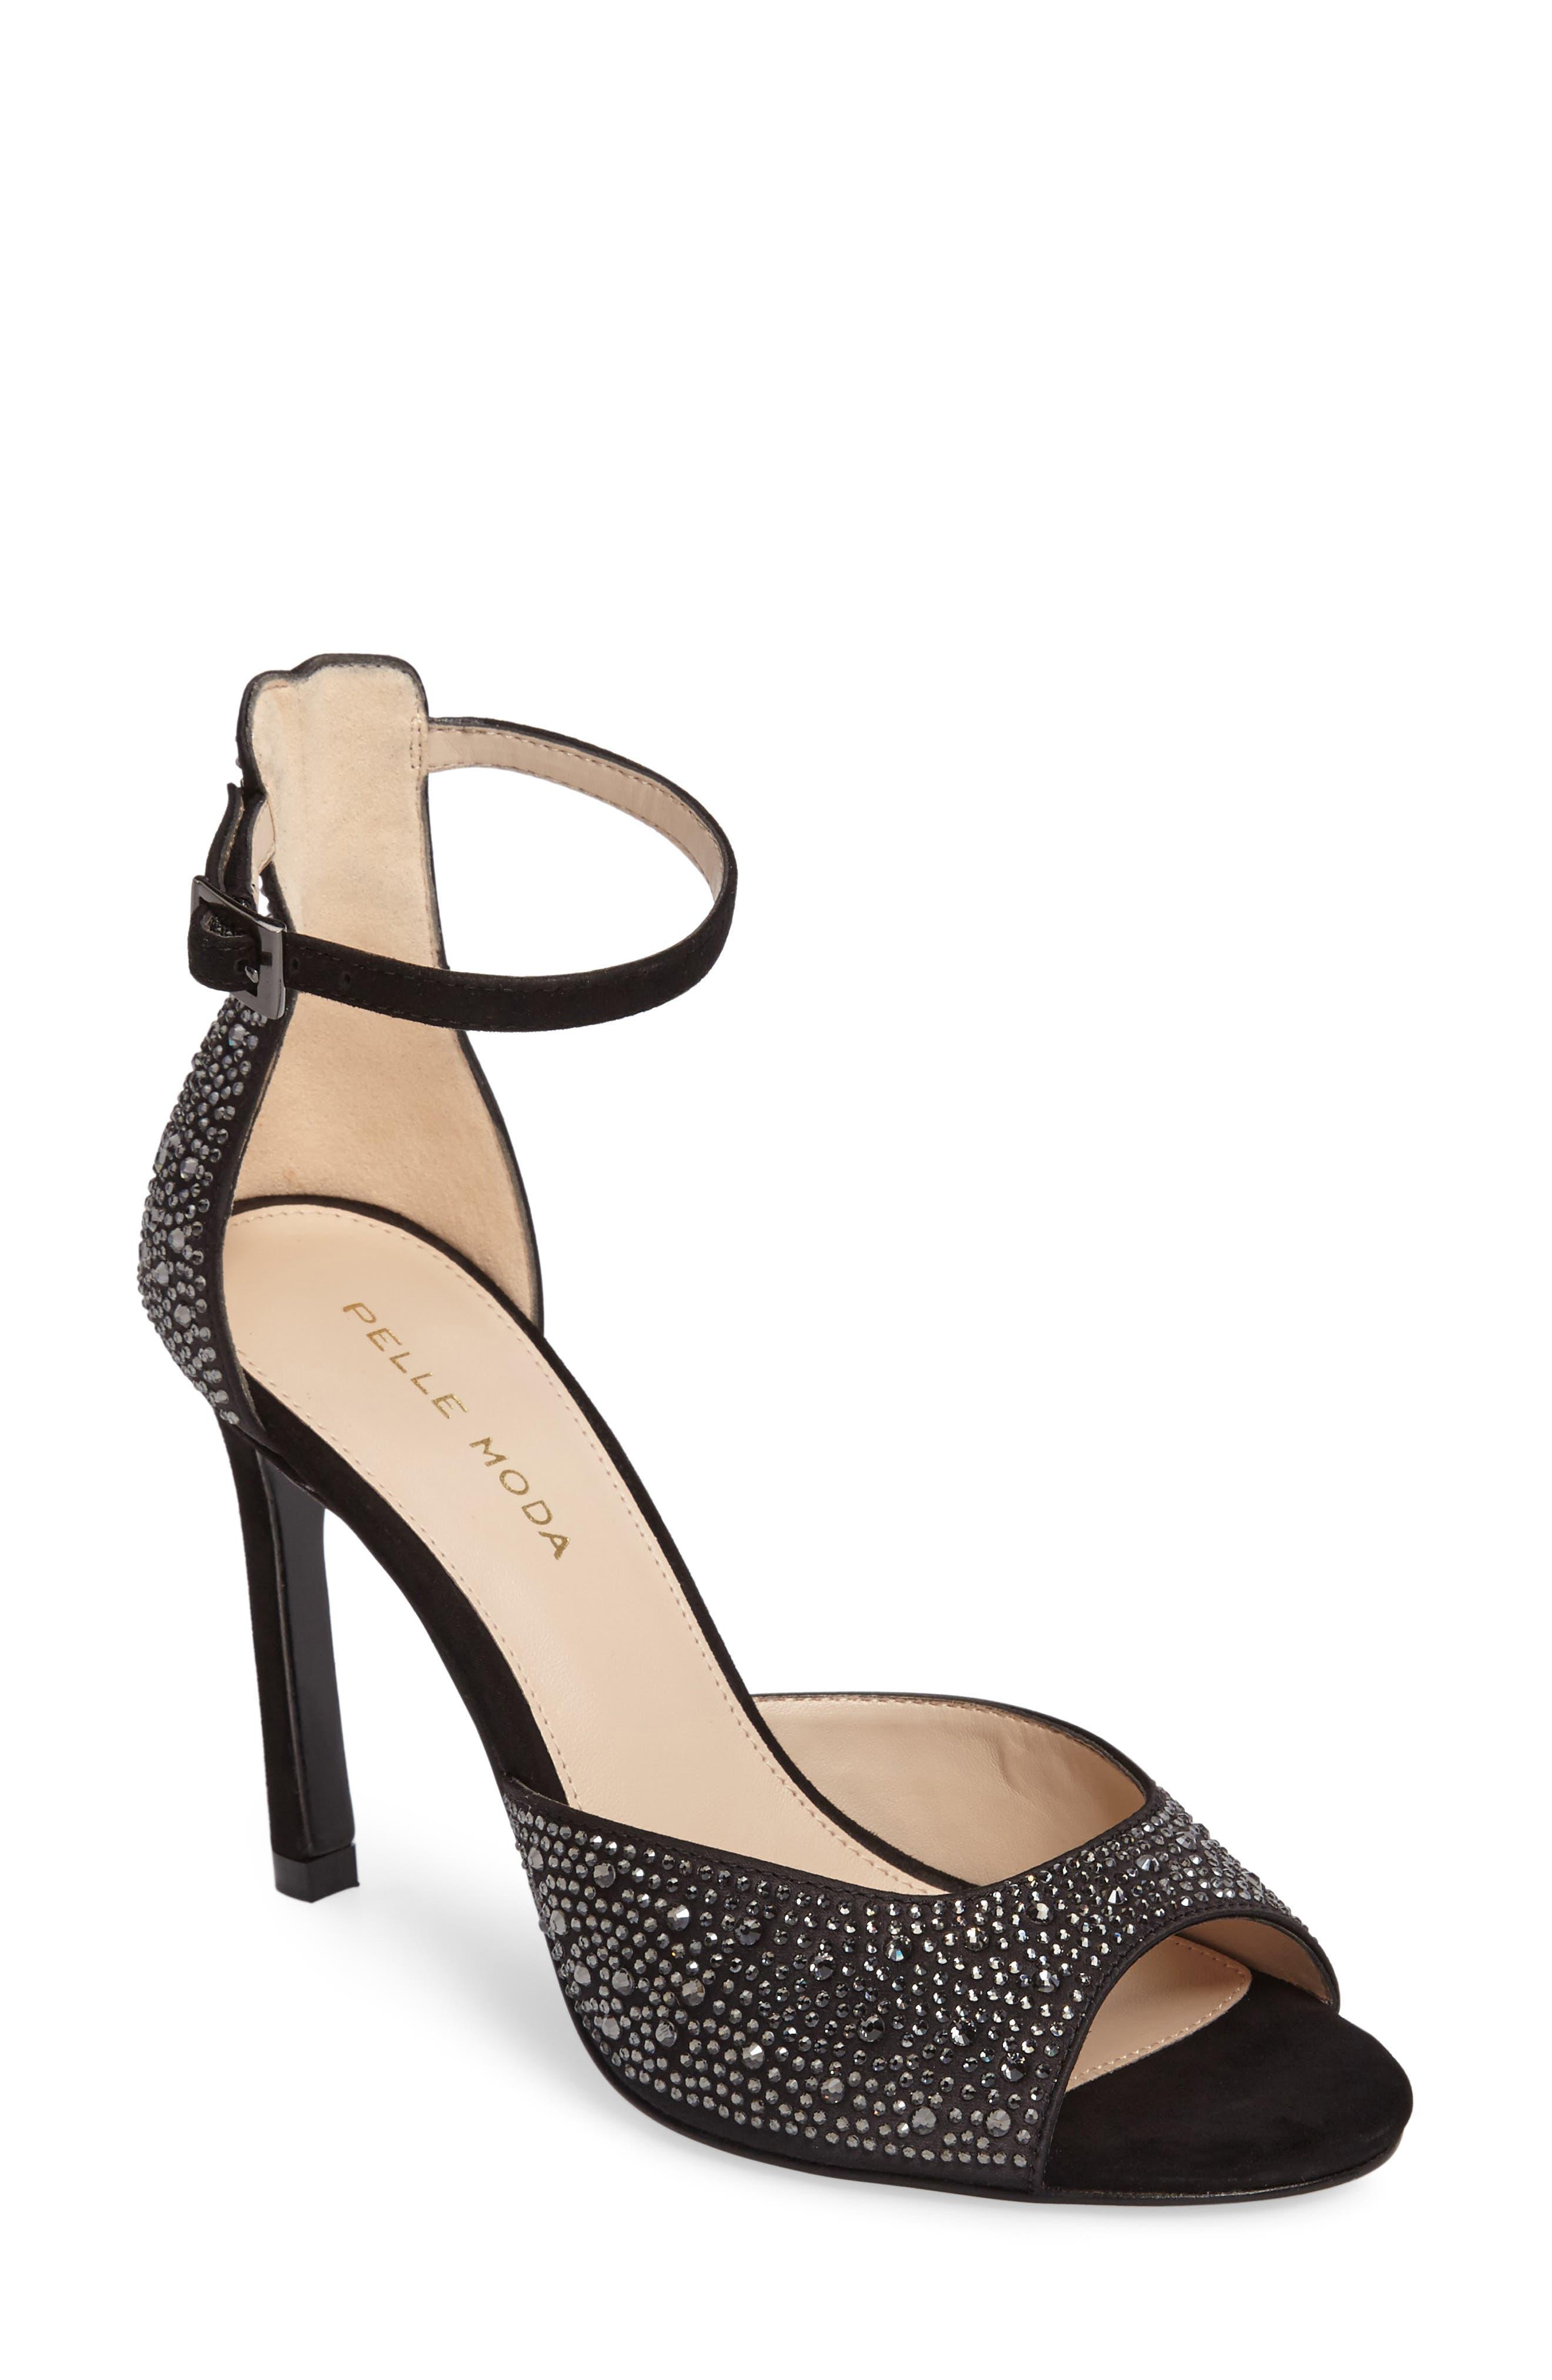 Crystal Embellished Ankle Strap Sandal,                         Main,                         color, 001